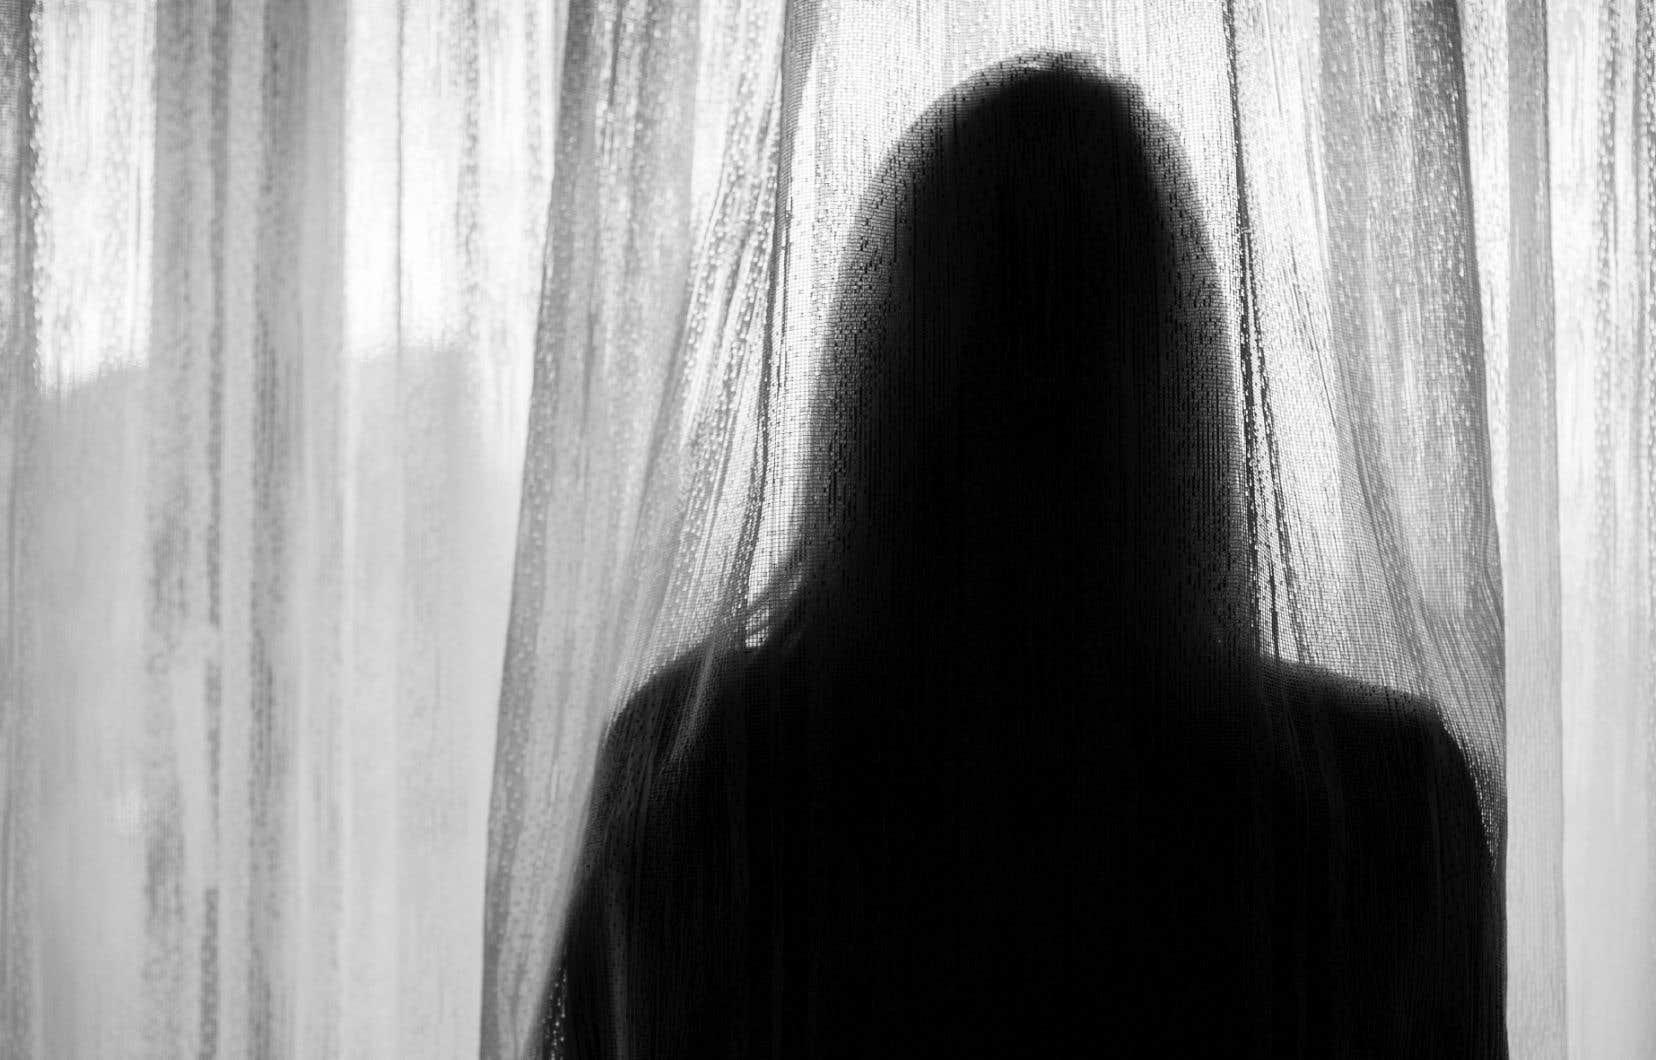 L'étude démontre que les séquelles physiques vécues par les jeunes victimes d'agressions sexuelles sont nombreuses et nettement plus fréquentes quand il s'agit de fillettes ou de jeunes filles.